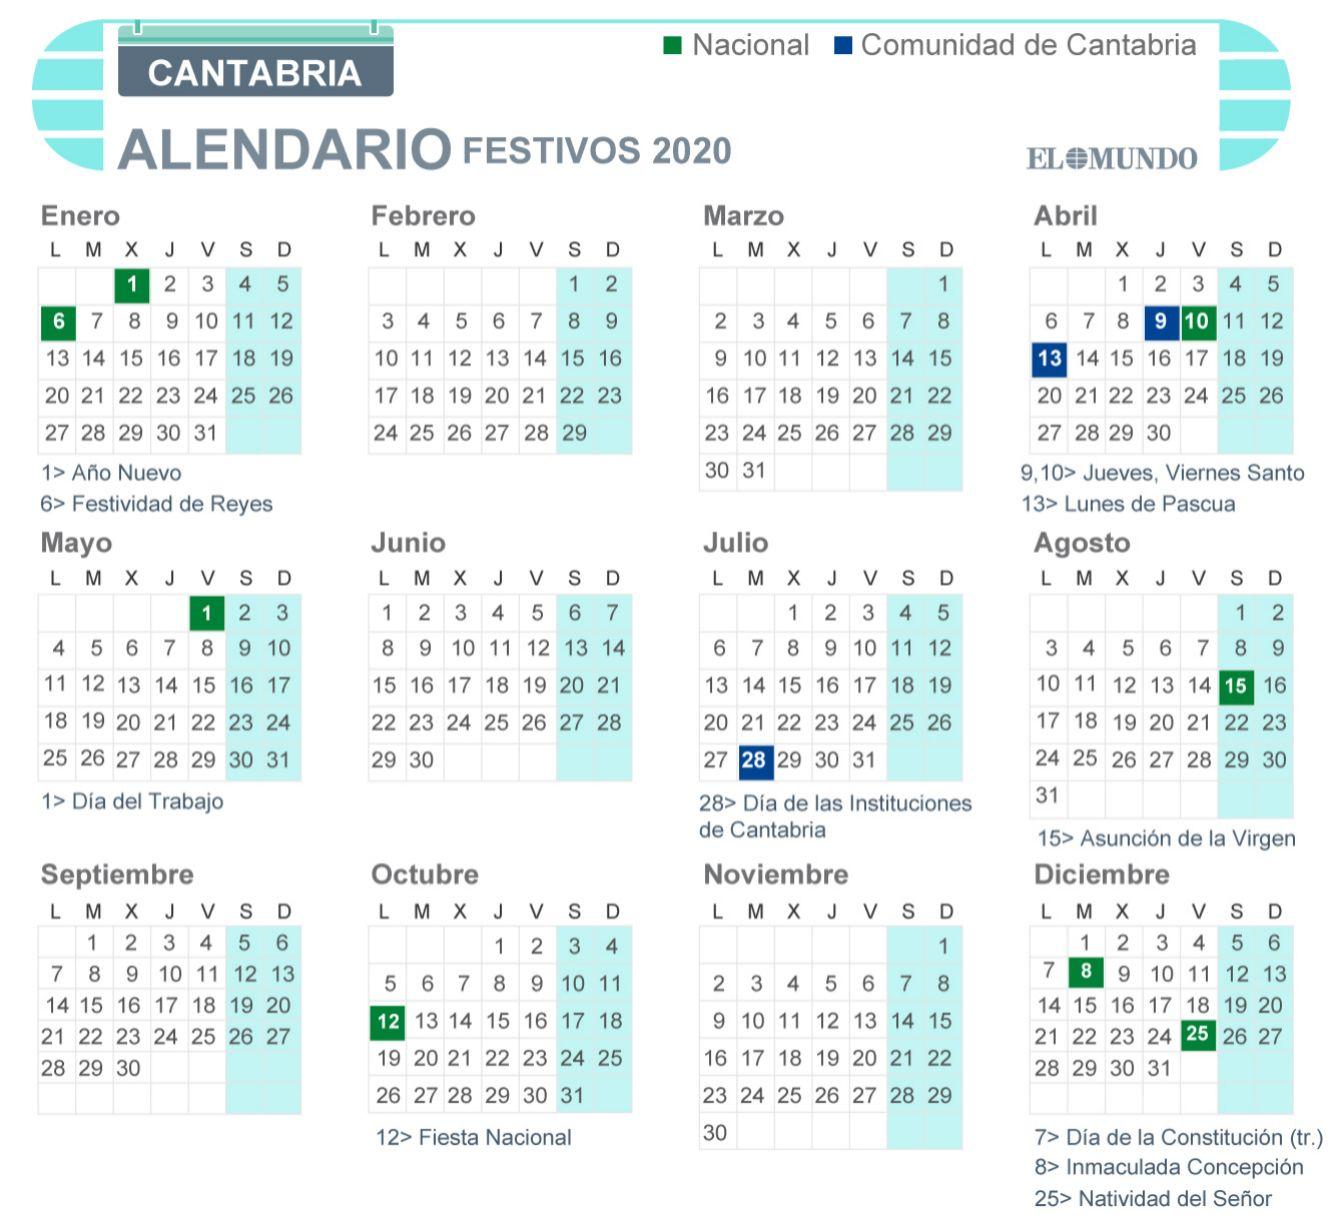 Calendario laboral 2020 de Cantabria